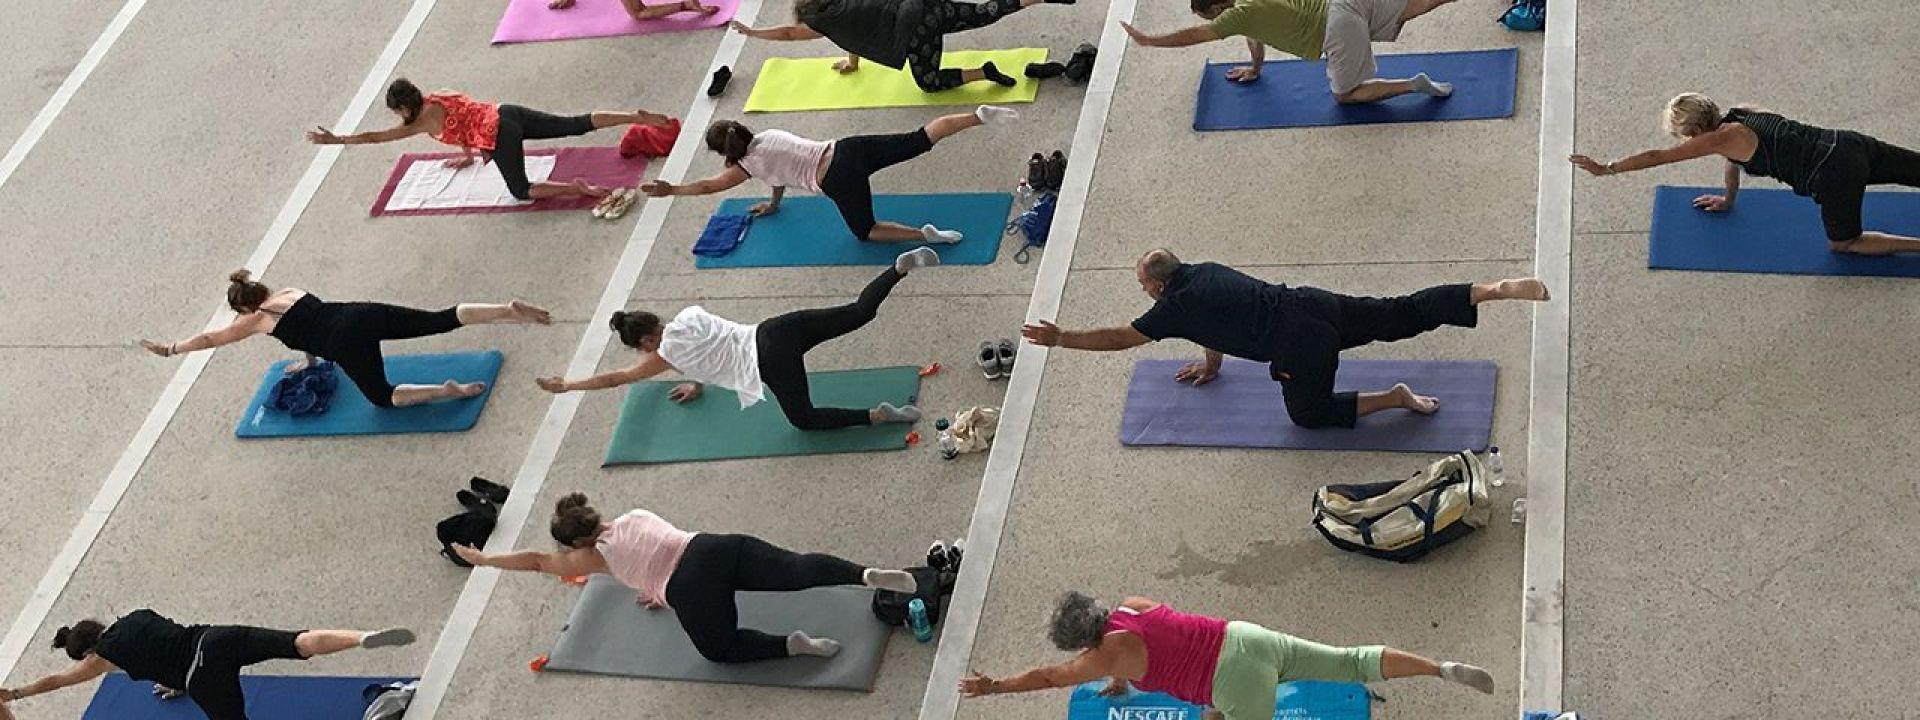 Φωτογραφία από το βασικό μάθημα Mat Pilates